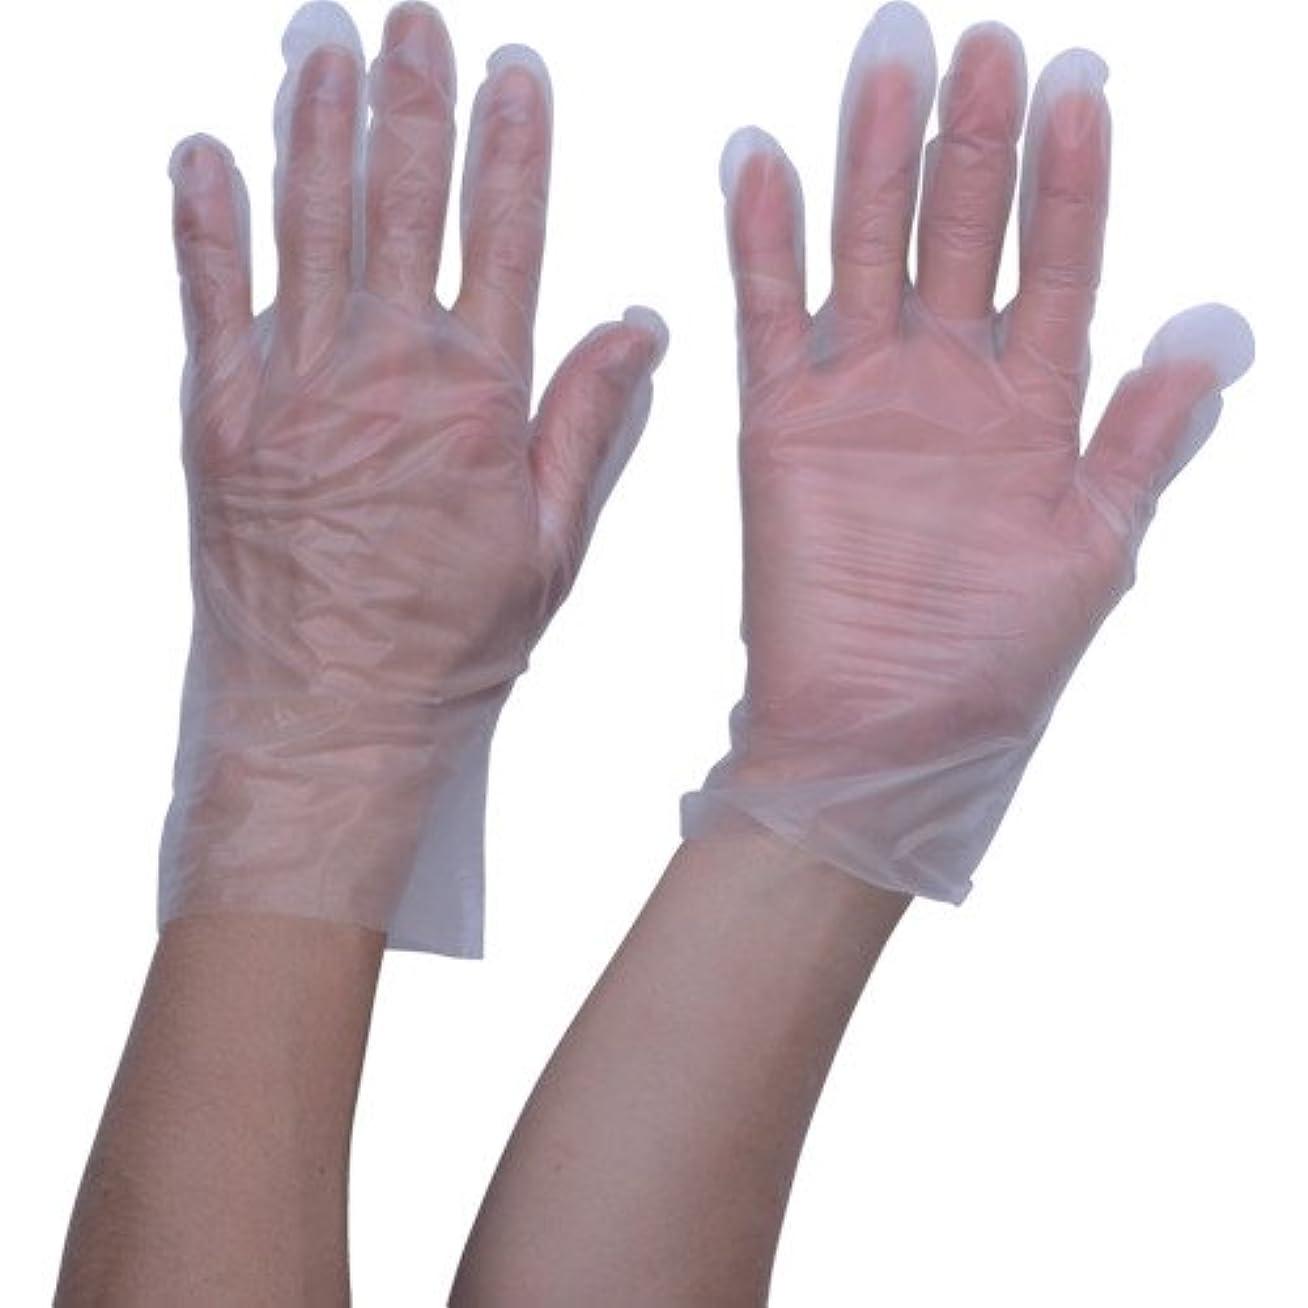 文明無心トロリーTRUSCO ポリエチレン 使い捨て手袋 ウェーブカットタイプS (100枚入)(入数:100枚) TGCPE025S